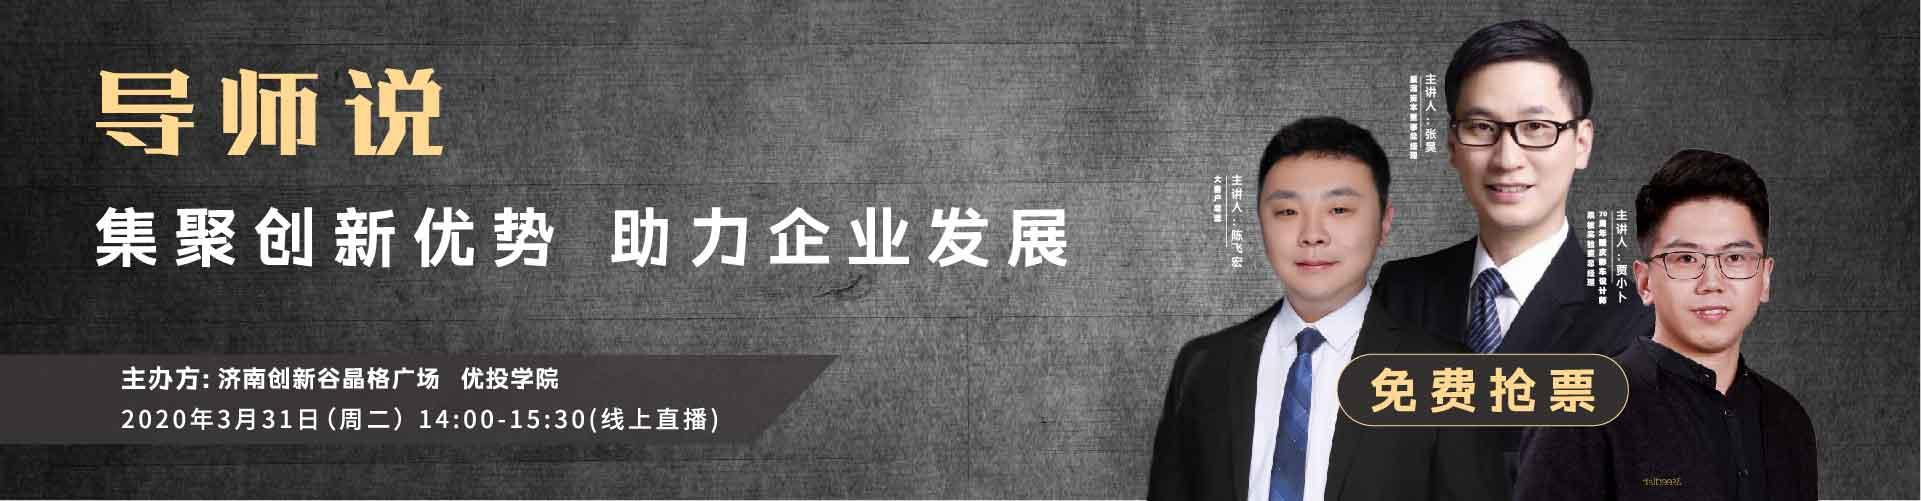 【3.31】线上直播|导师说:集聚创新优势 助力企业发展